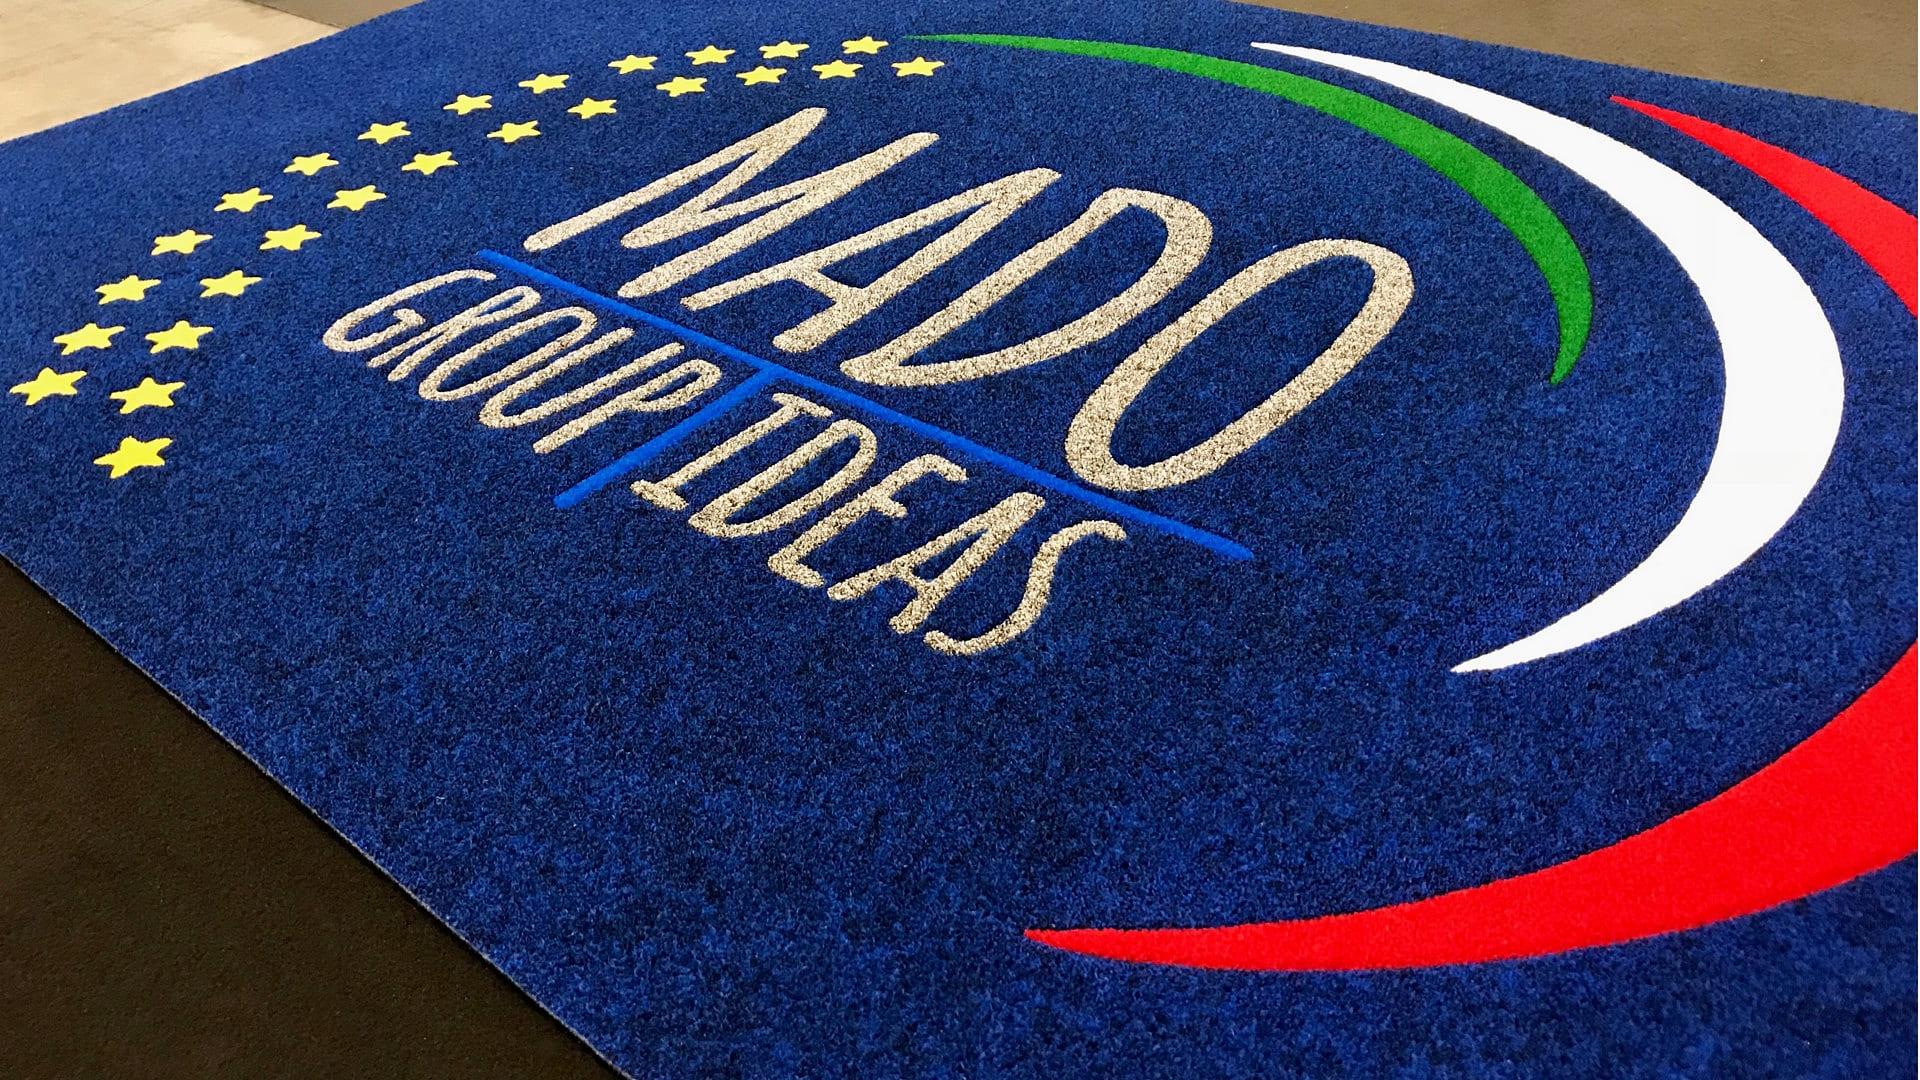 Tappeto Intarsiato Personalizzato con logo MADO Group Ideas utilizzato per l'esposizione in fiera al Viscom Italia 2018